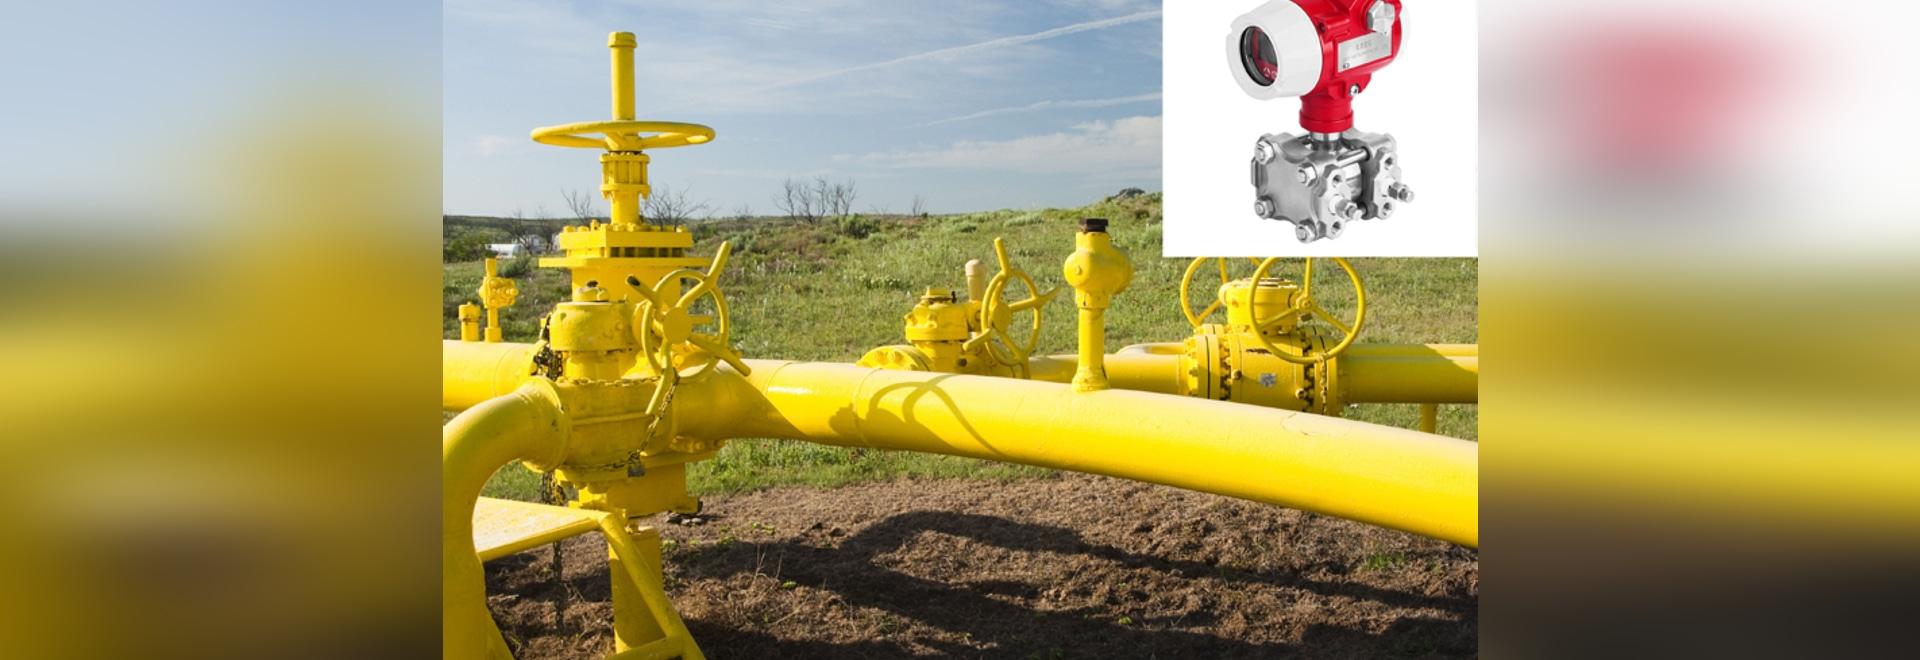 DMP305X-Druckgeber verwendet im Erdgas